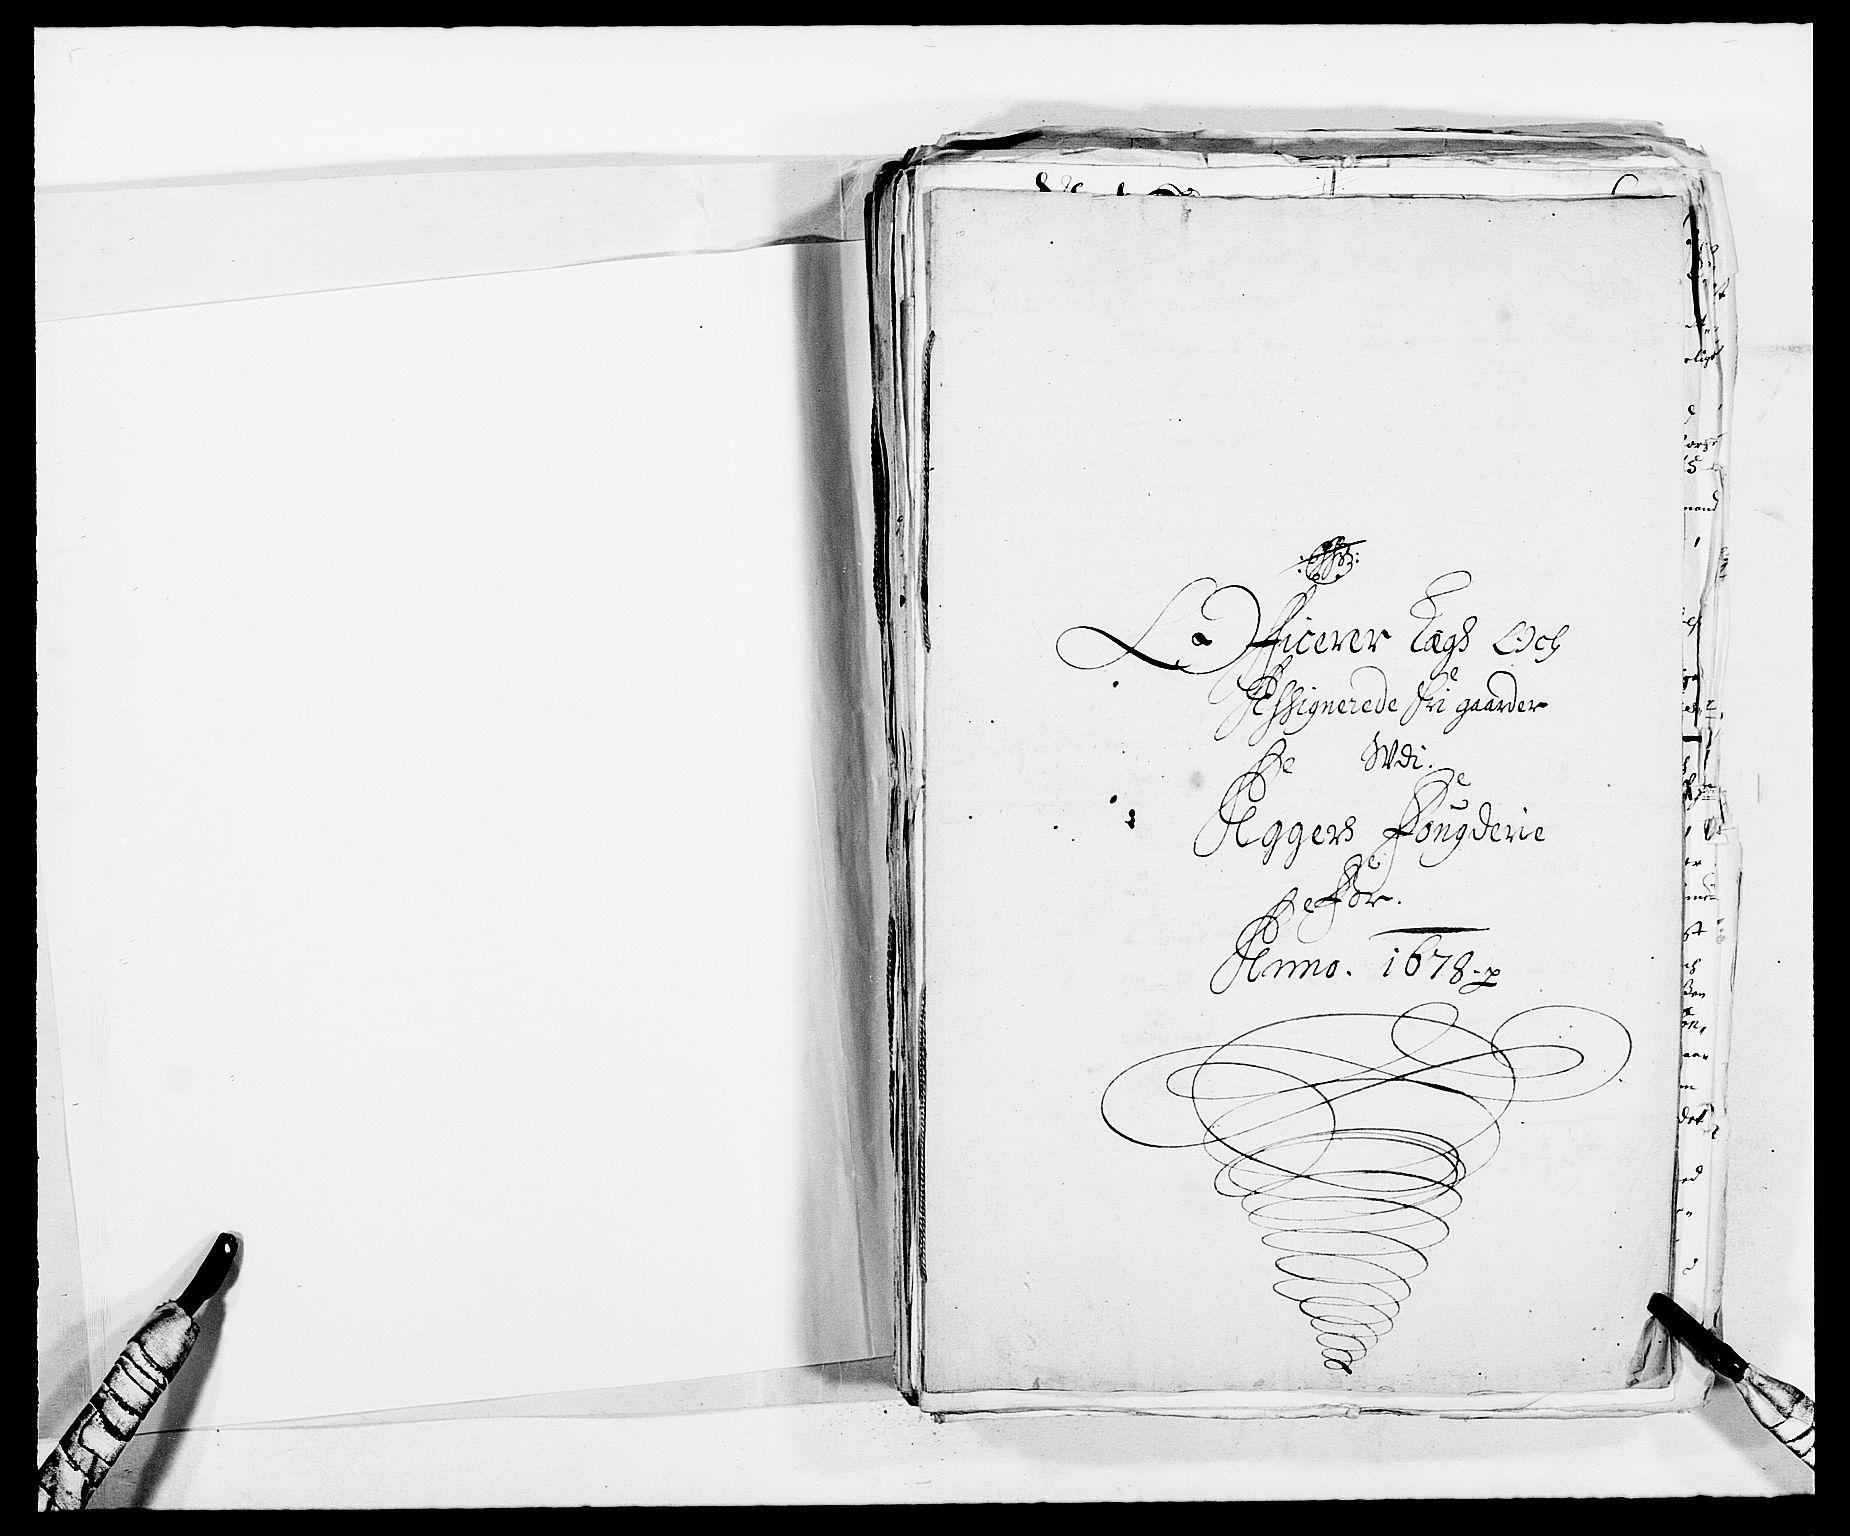 RA, Rentekammeret inntil 1814, Reviderte regnskaper, Fogderegnskap, R08/L0418: Fogderegnskap Aker, 1678-1681, s. 3